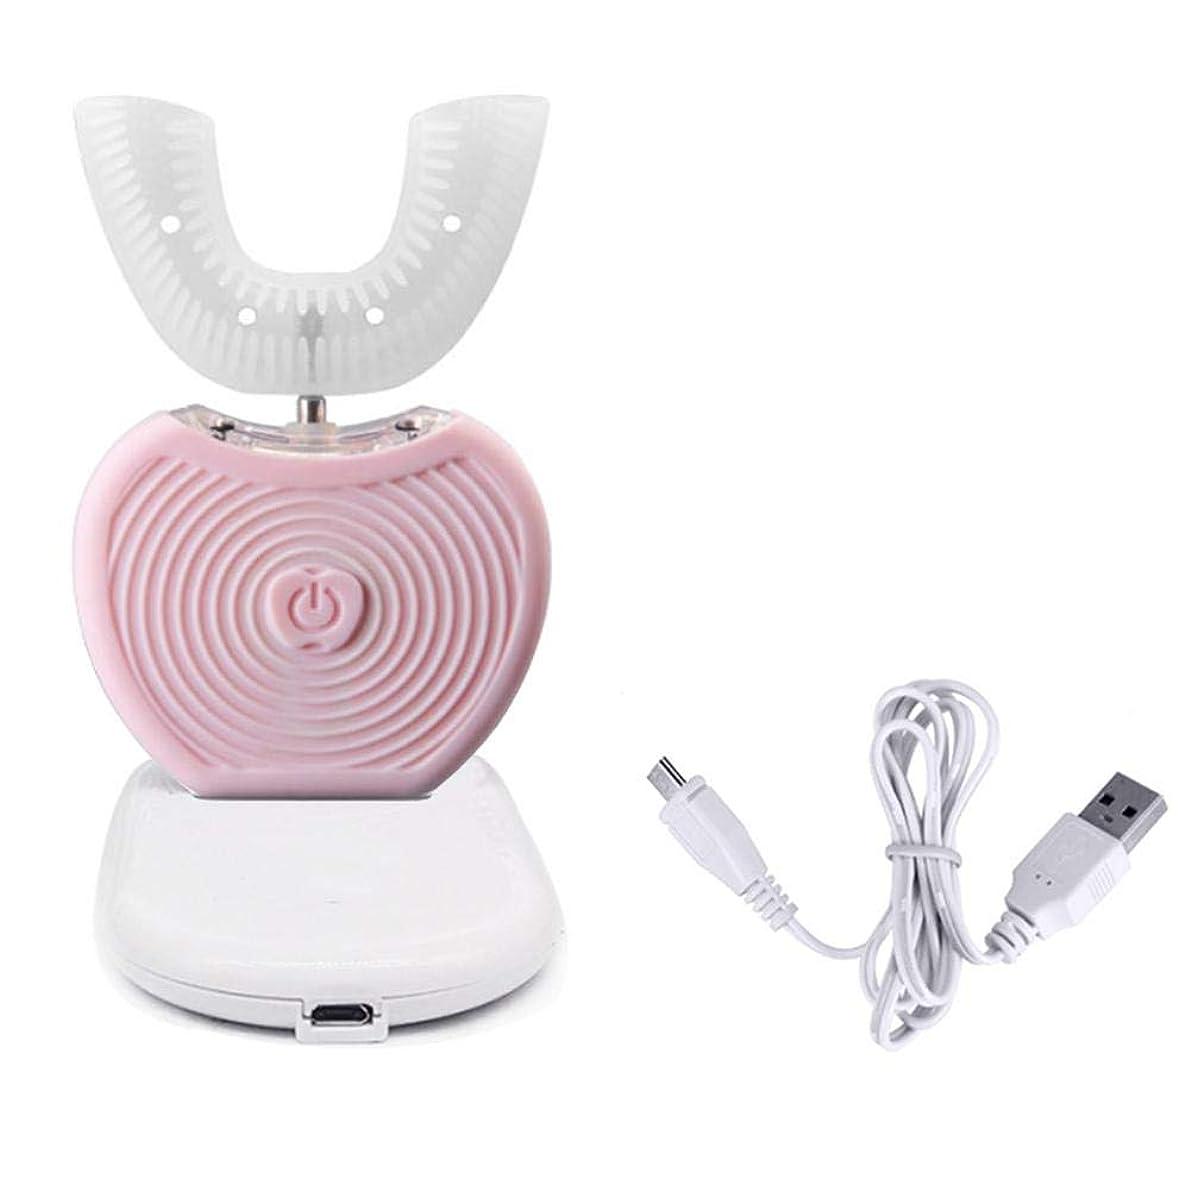 シャープ家事行き当たりばったりPUERI 電動歯ブラシ 全自動360°電動歯ブラシ USBポータブルインテリジェントフルオート可変周波数 冷光白色化装置自動歯ブラシ